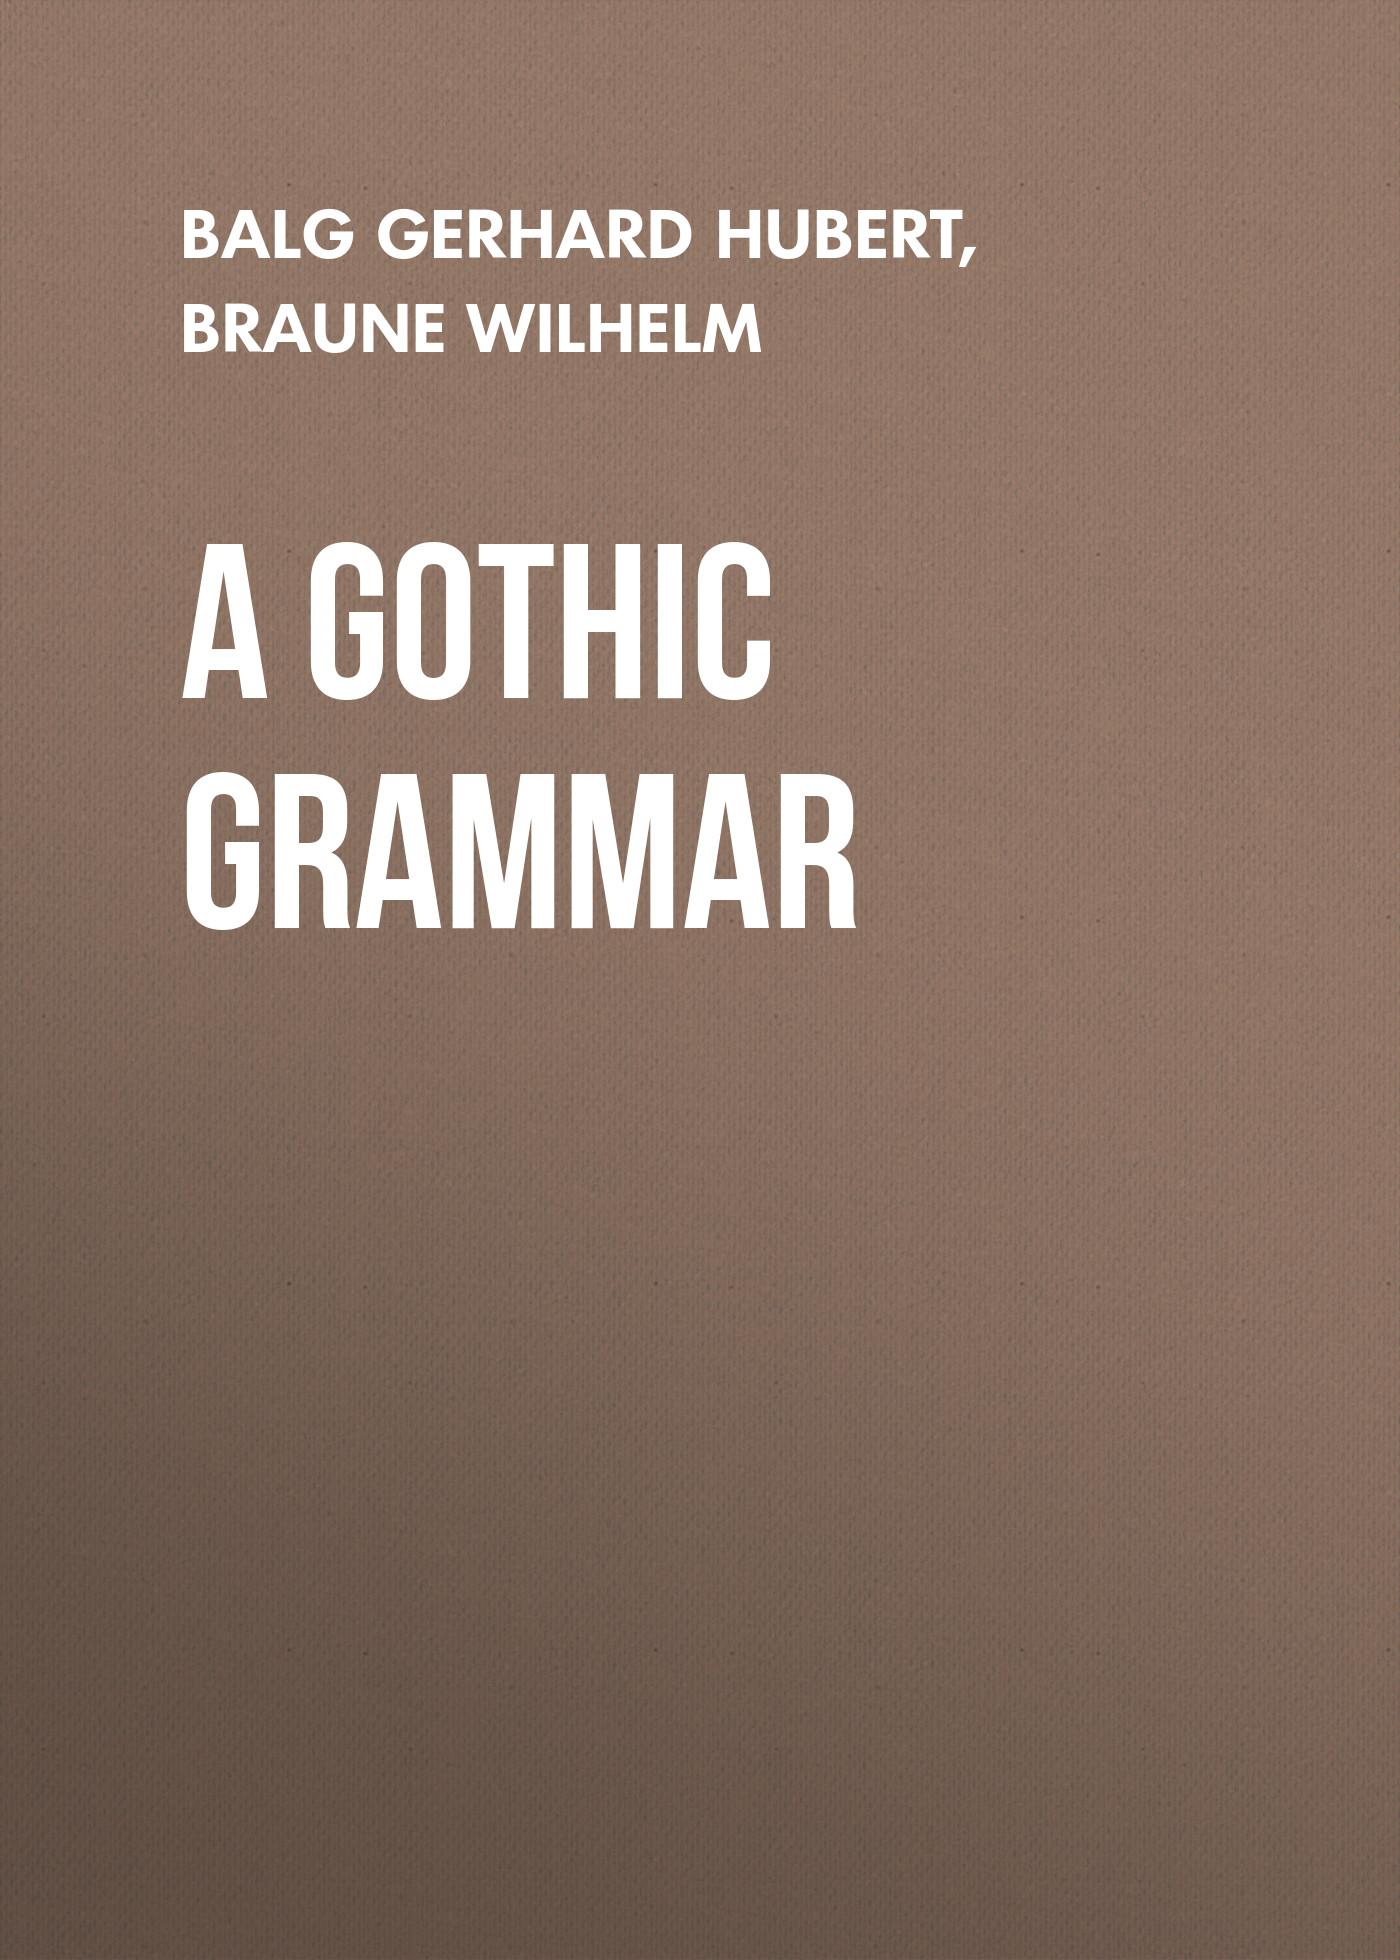 Braune Wilhelm A Gothic Grammar